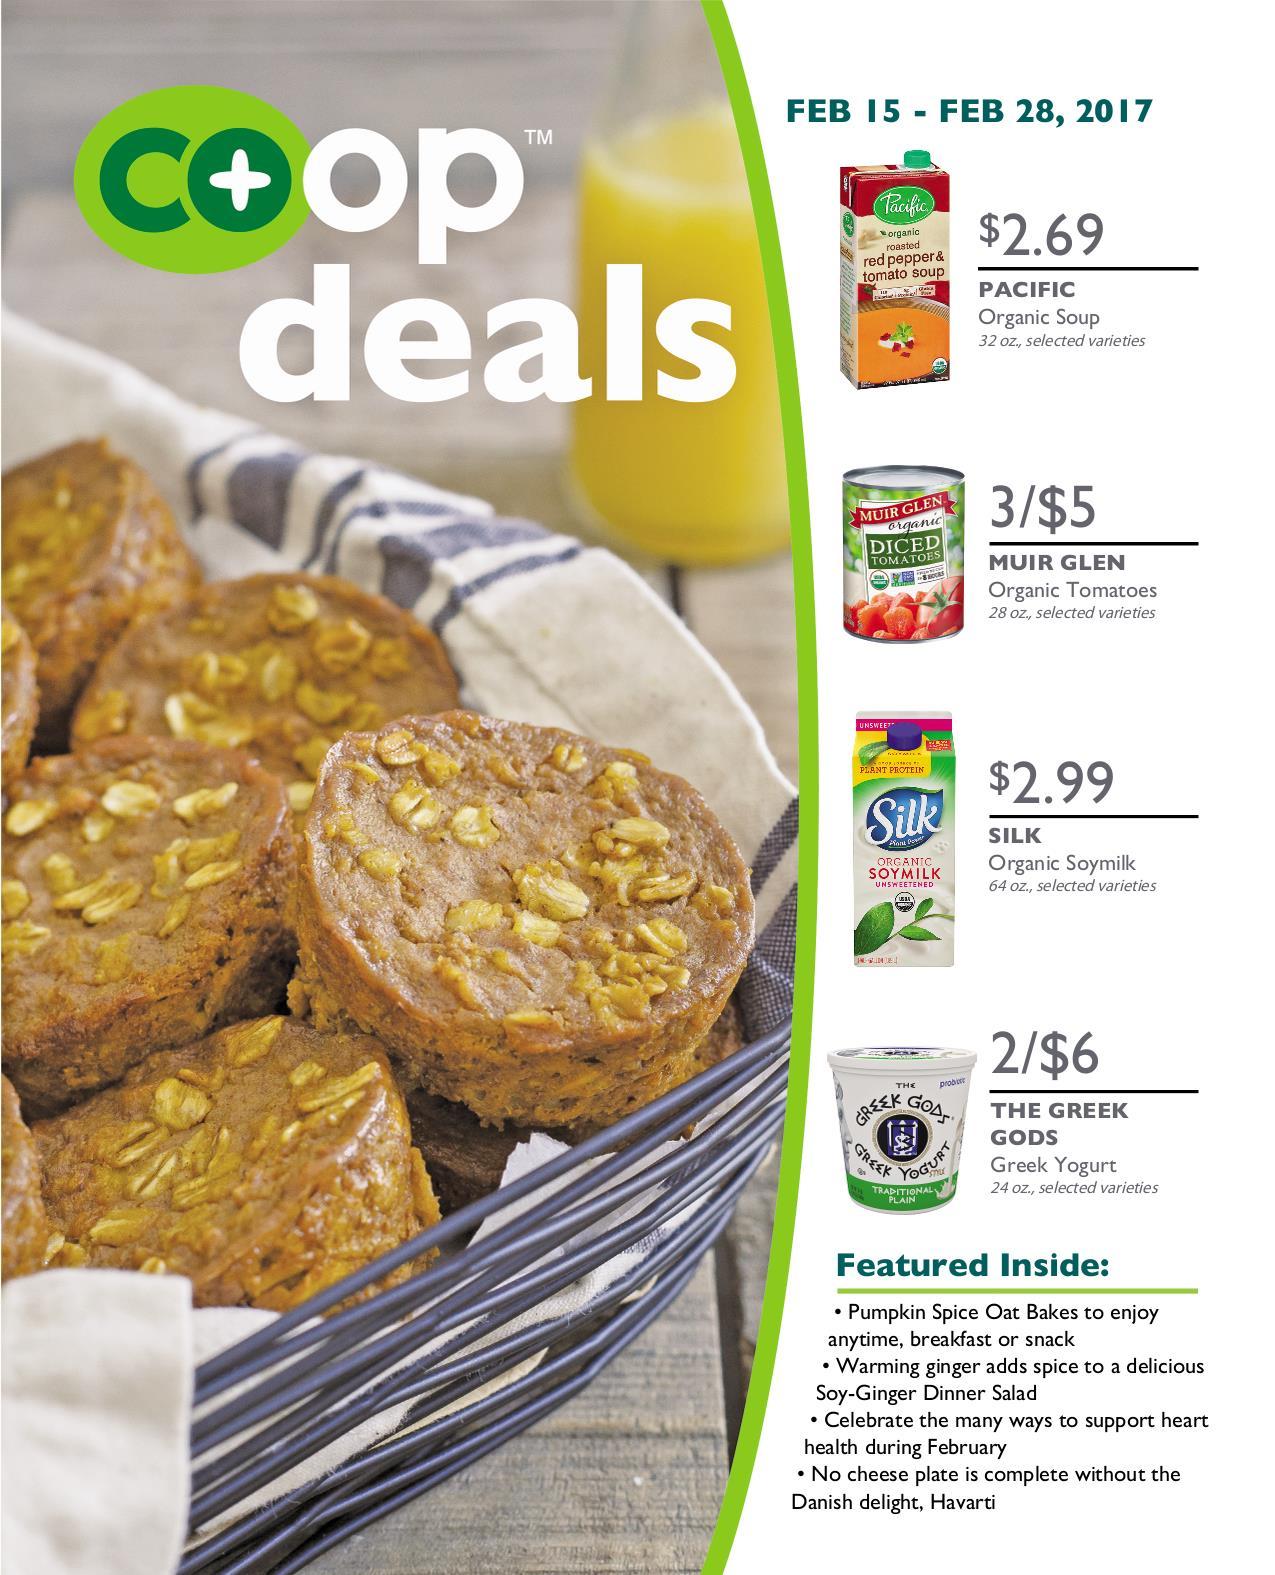 coop deals feb 2017 flyer b